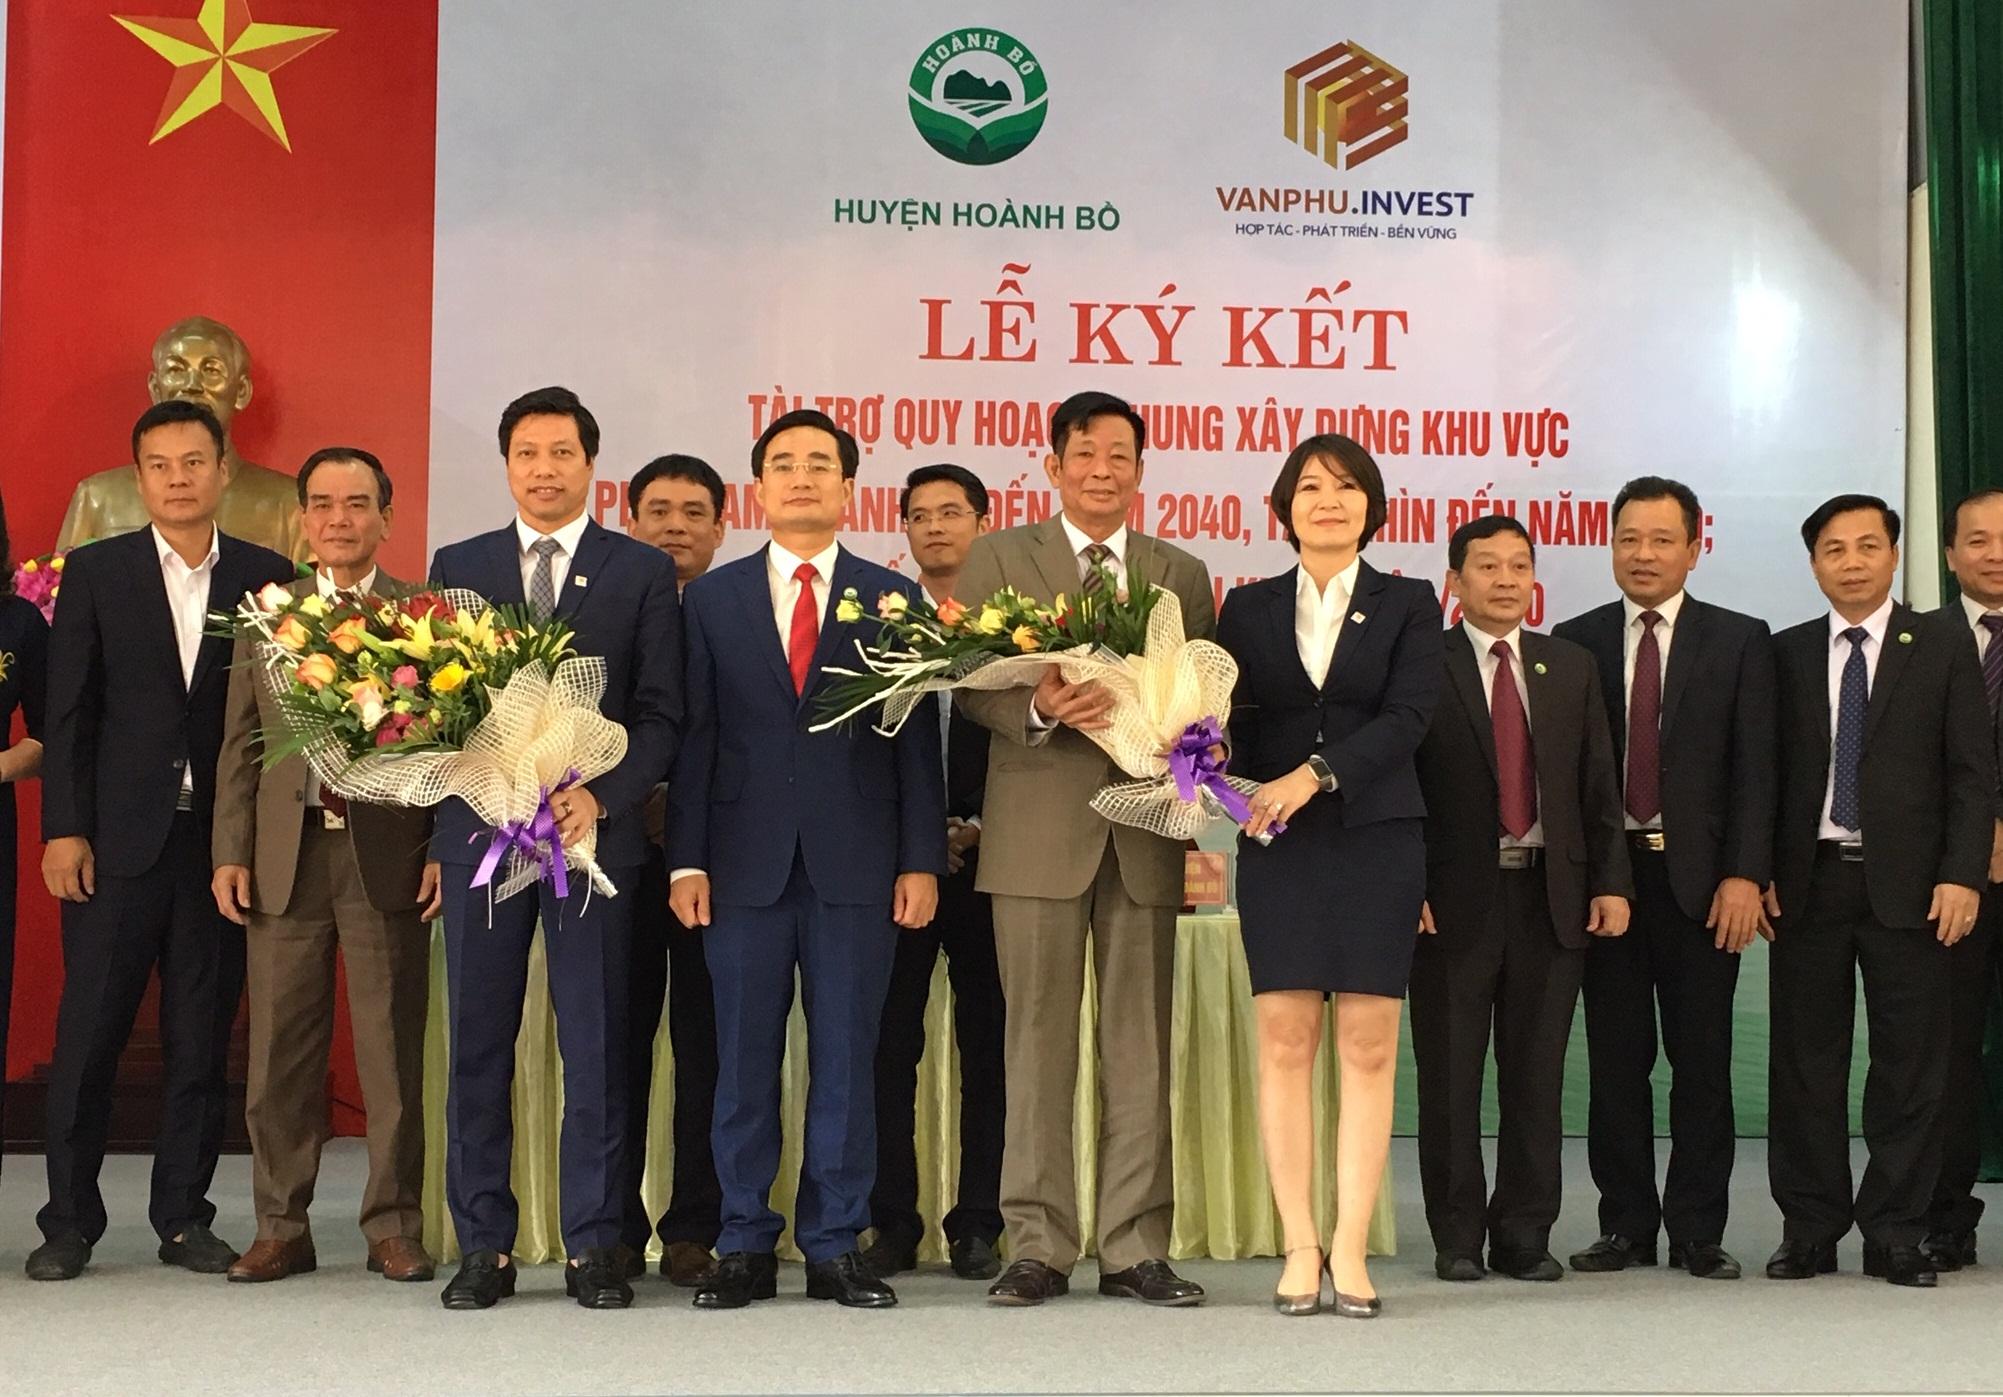 Công ty Văn Phú - Invest tài trợ quy hoạch chung xây dựng khu vực phía nam huyện Hoành Bồ, Quảng Ninh 1